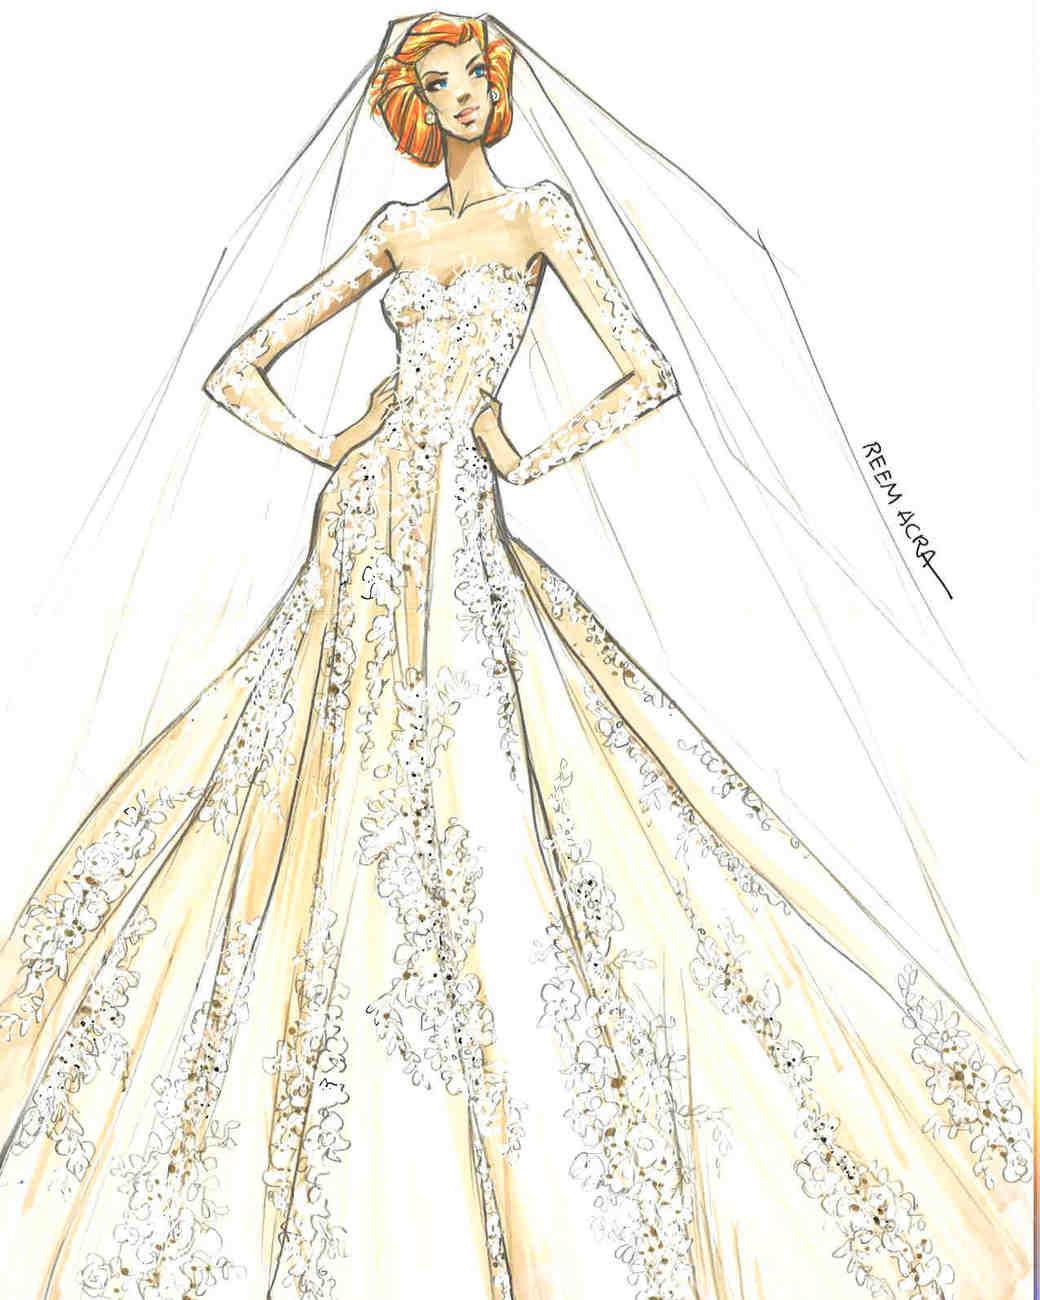 reem-acra-sketch-bridal-market-ss17-0416.jpg